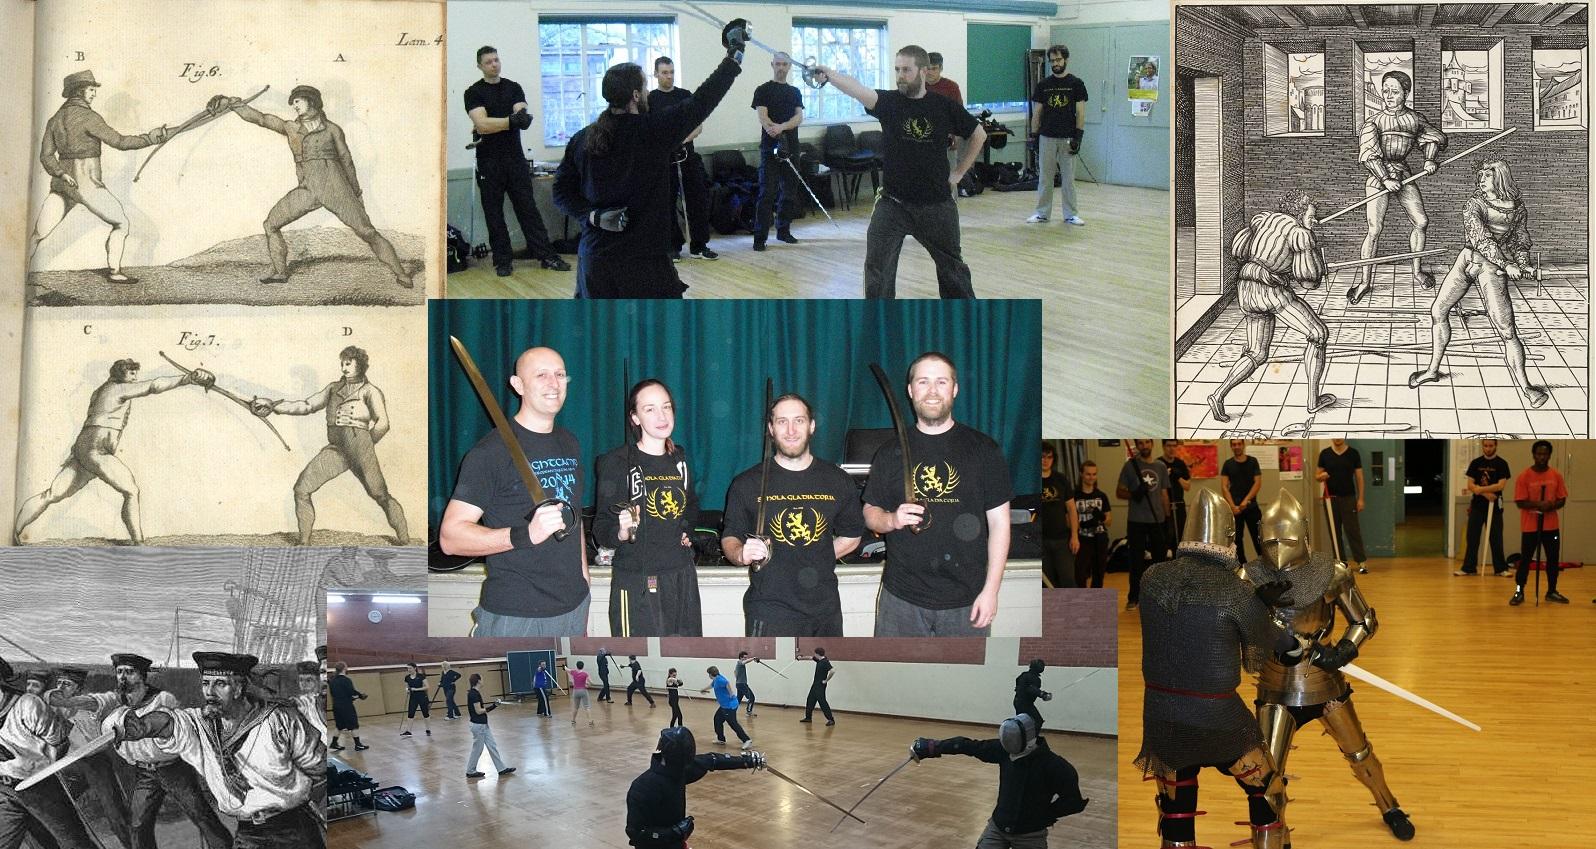 Schola Gladiatoria - sword fighting classes in London